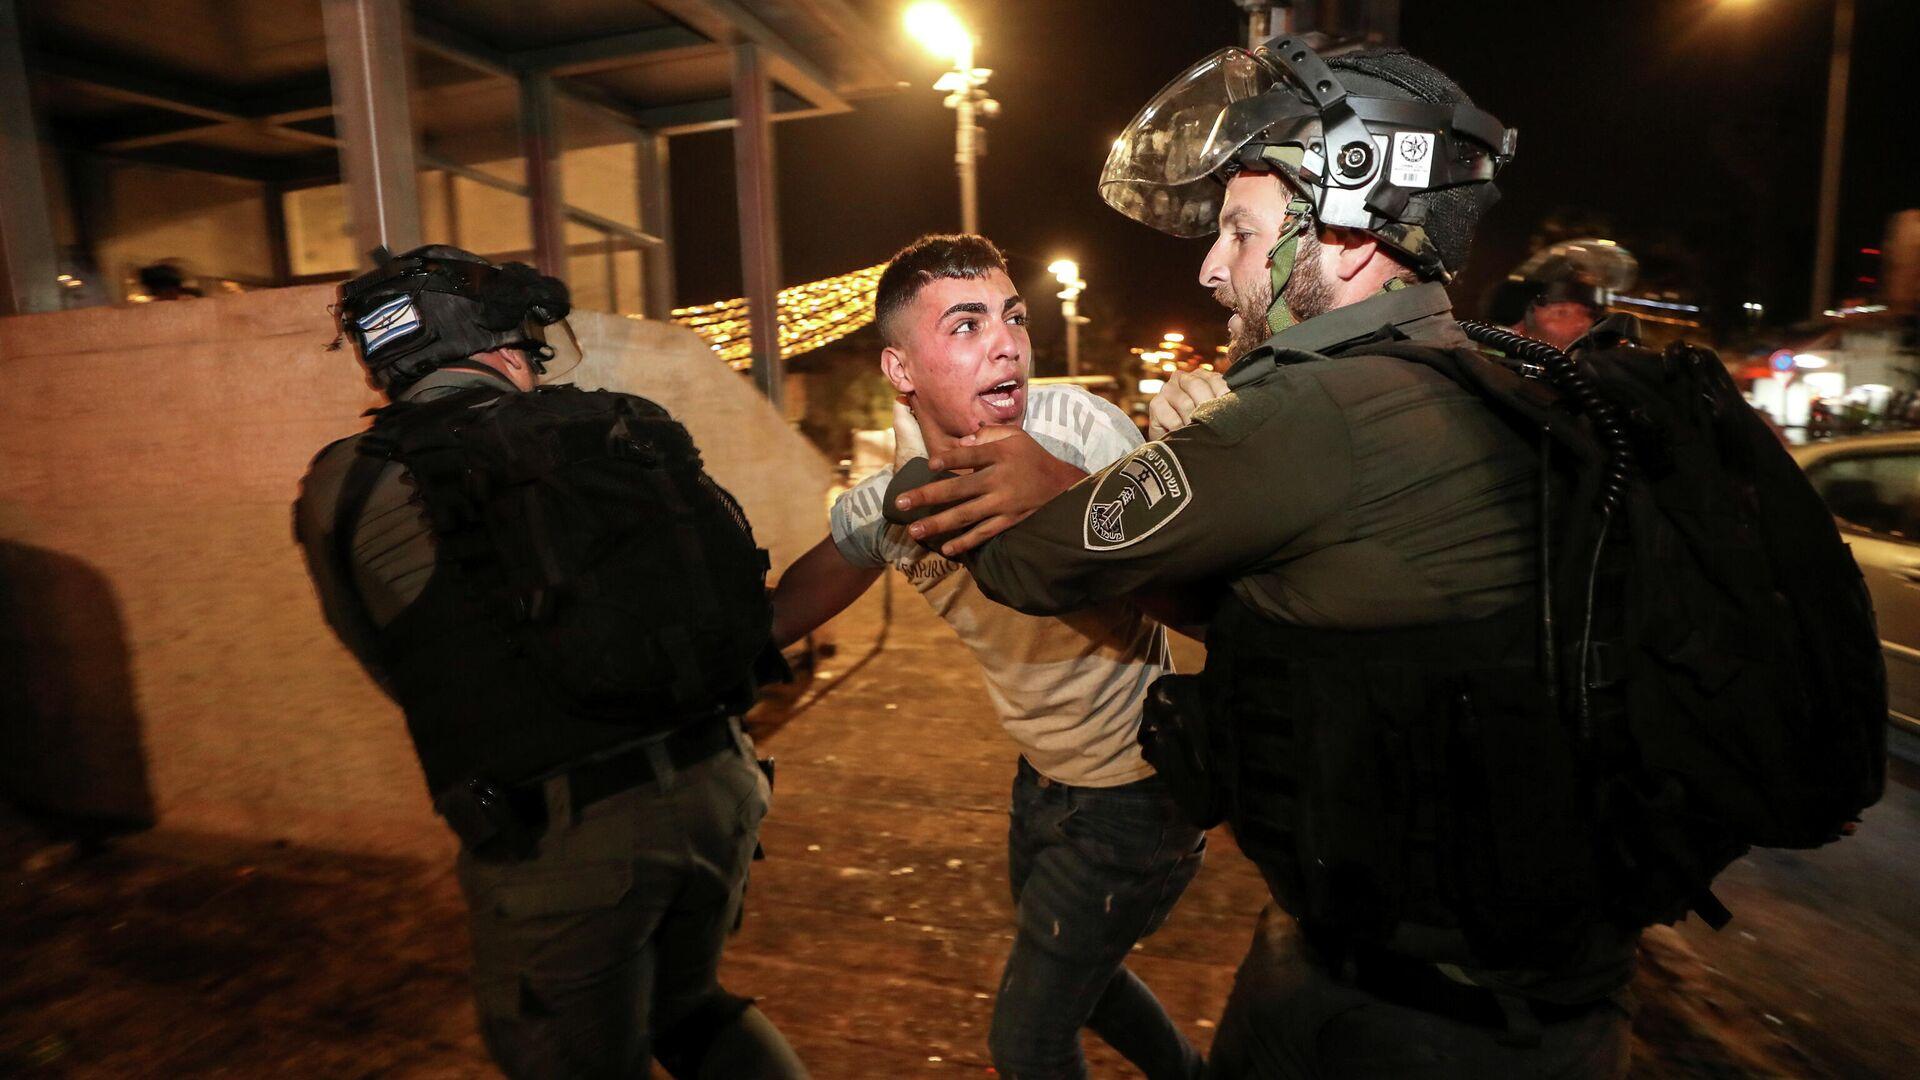 Сотрудники полиции задерживают участника беспорядков в Иерусалиме, Израиль - РИА Новости, 1920, 08.05.2021